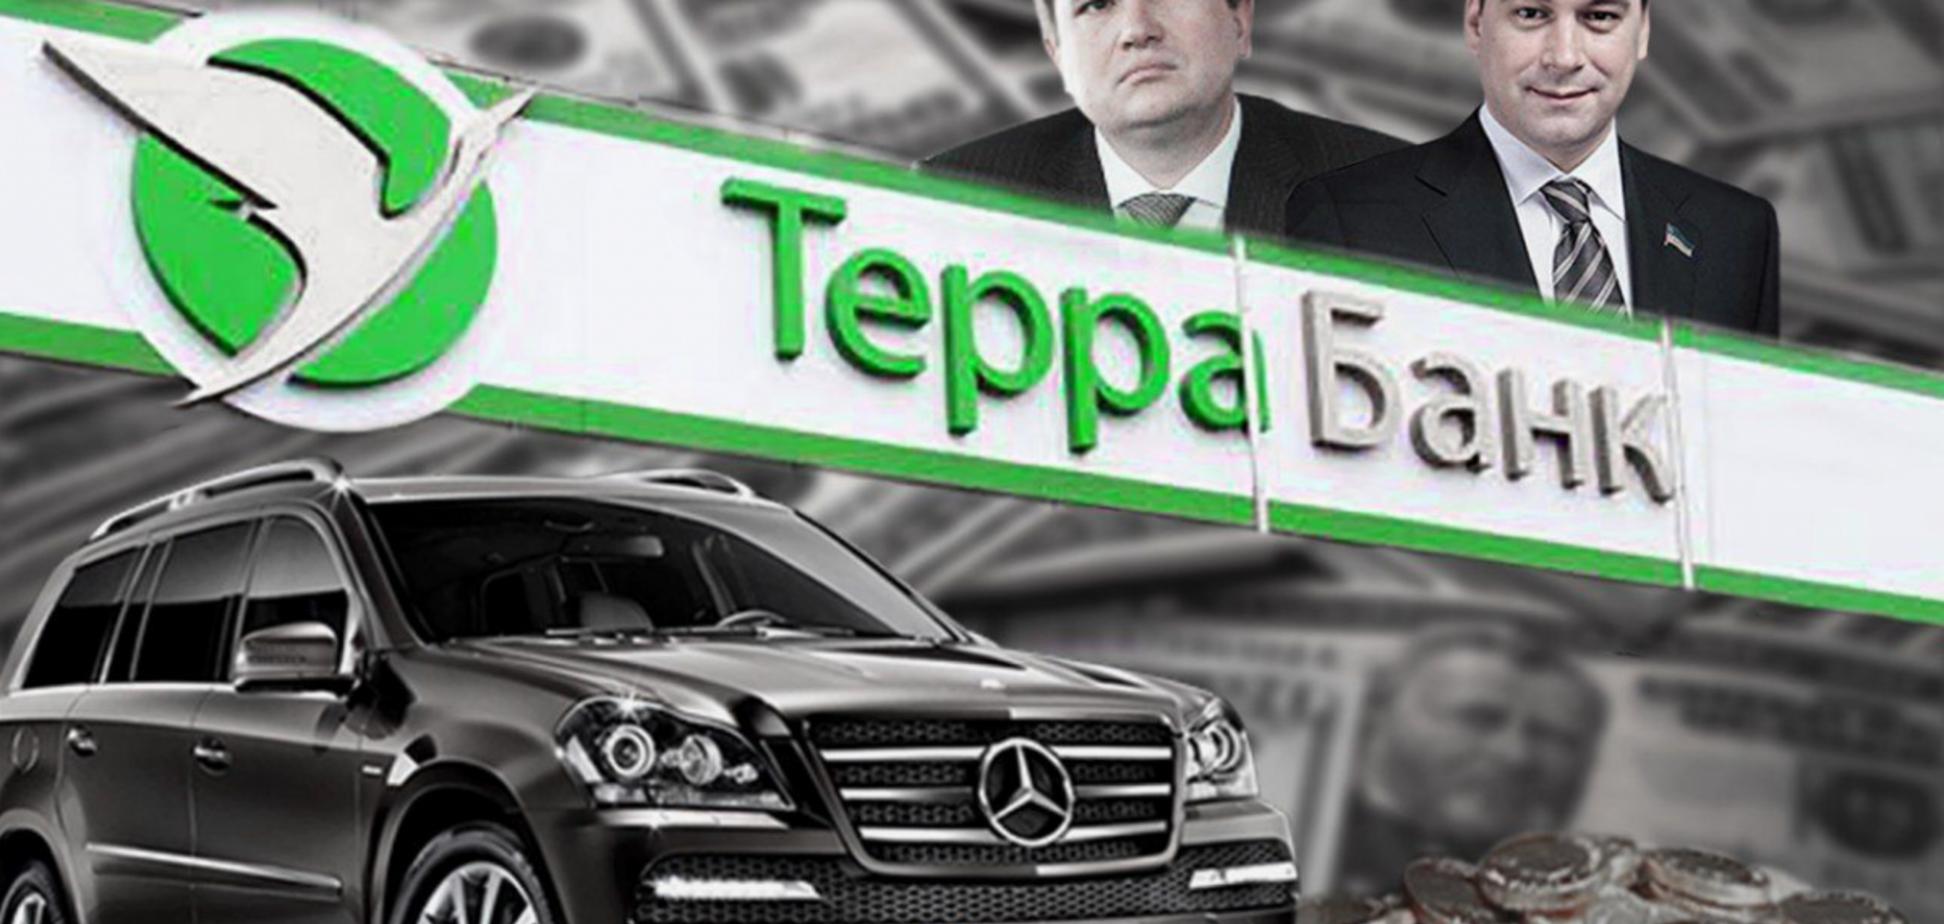 Уголовные дела против Луцкого и Клименко неправомерно закрываются - СМИ